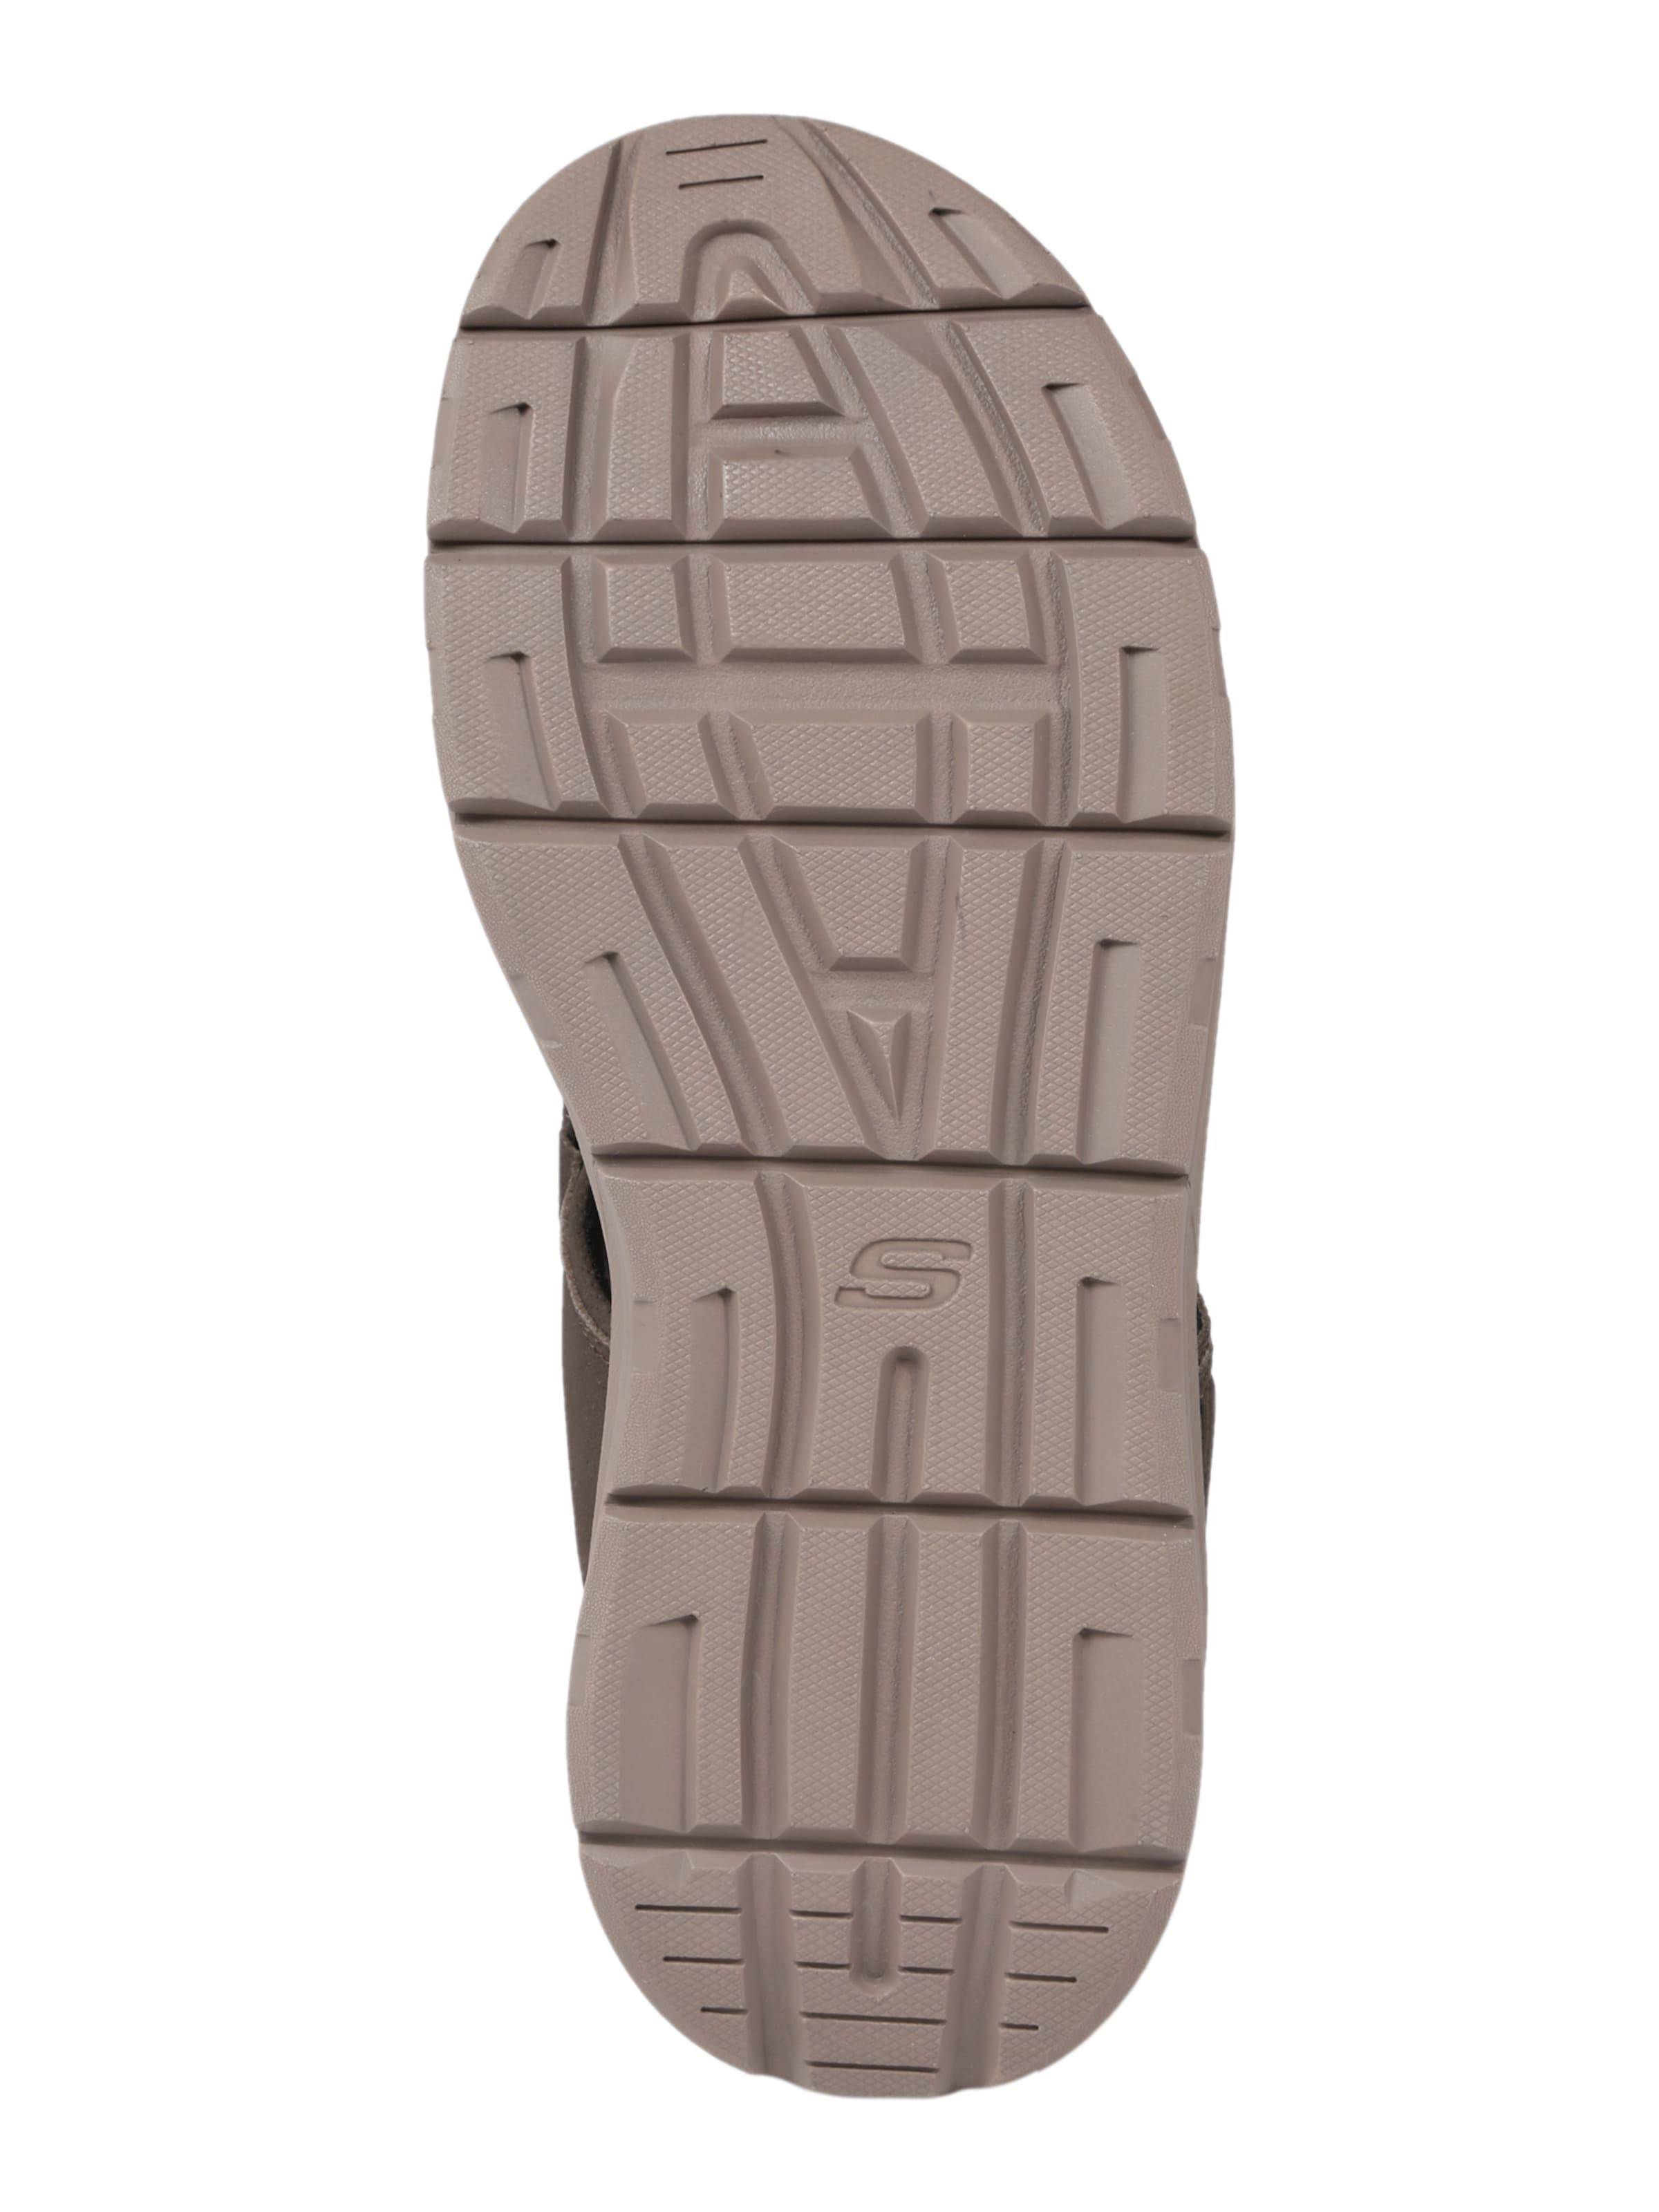 'reloneSenco' In Skechers Sandalen In Skechers Sandalen 'reloneSenco' Skechers Sandalen Braun Braun UzqjLMSVpG